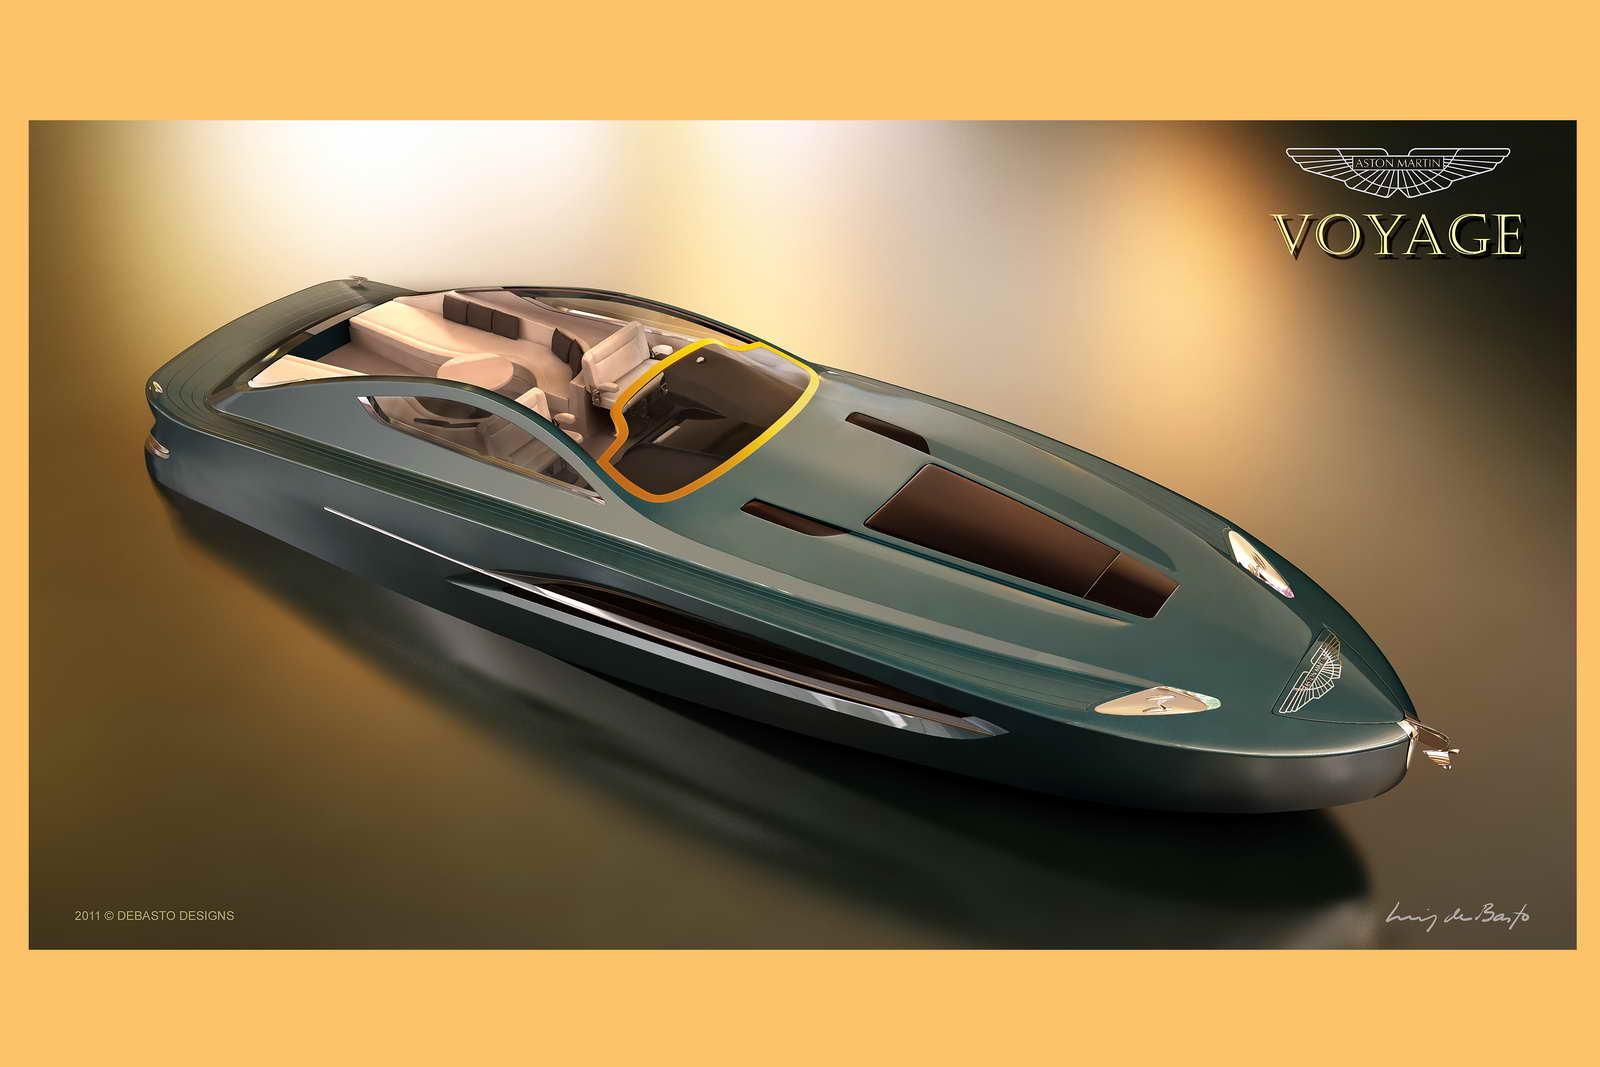 Aston Martin Voyage 55. ¿El yate de James Bond?